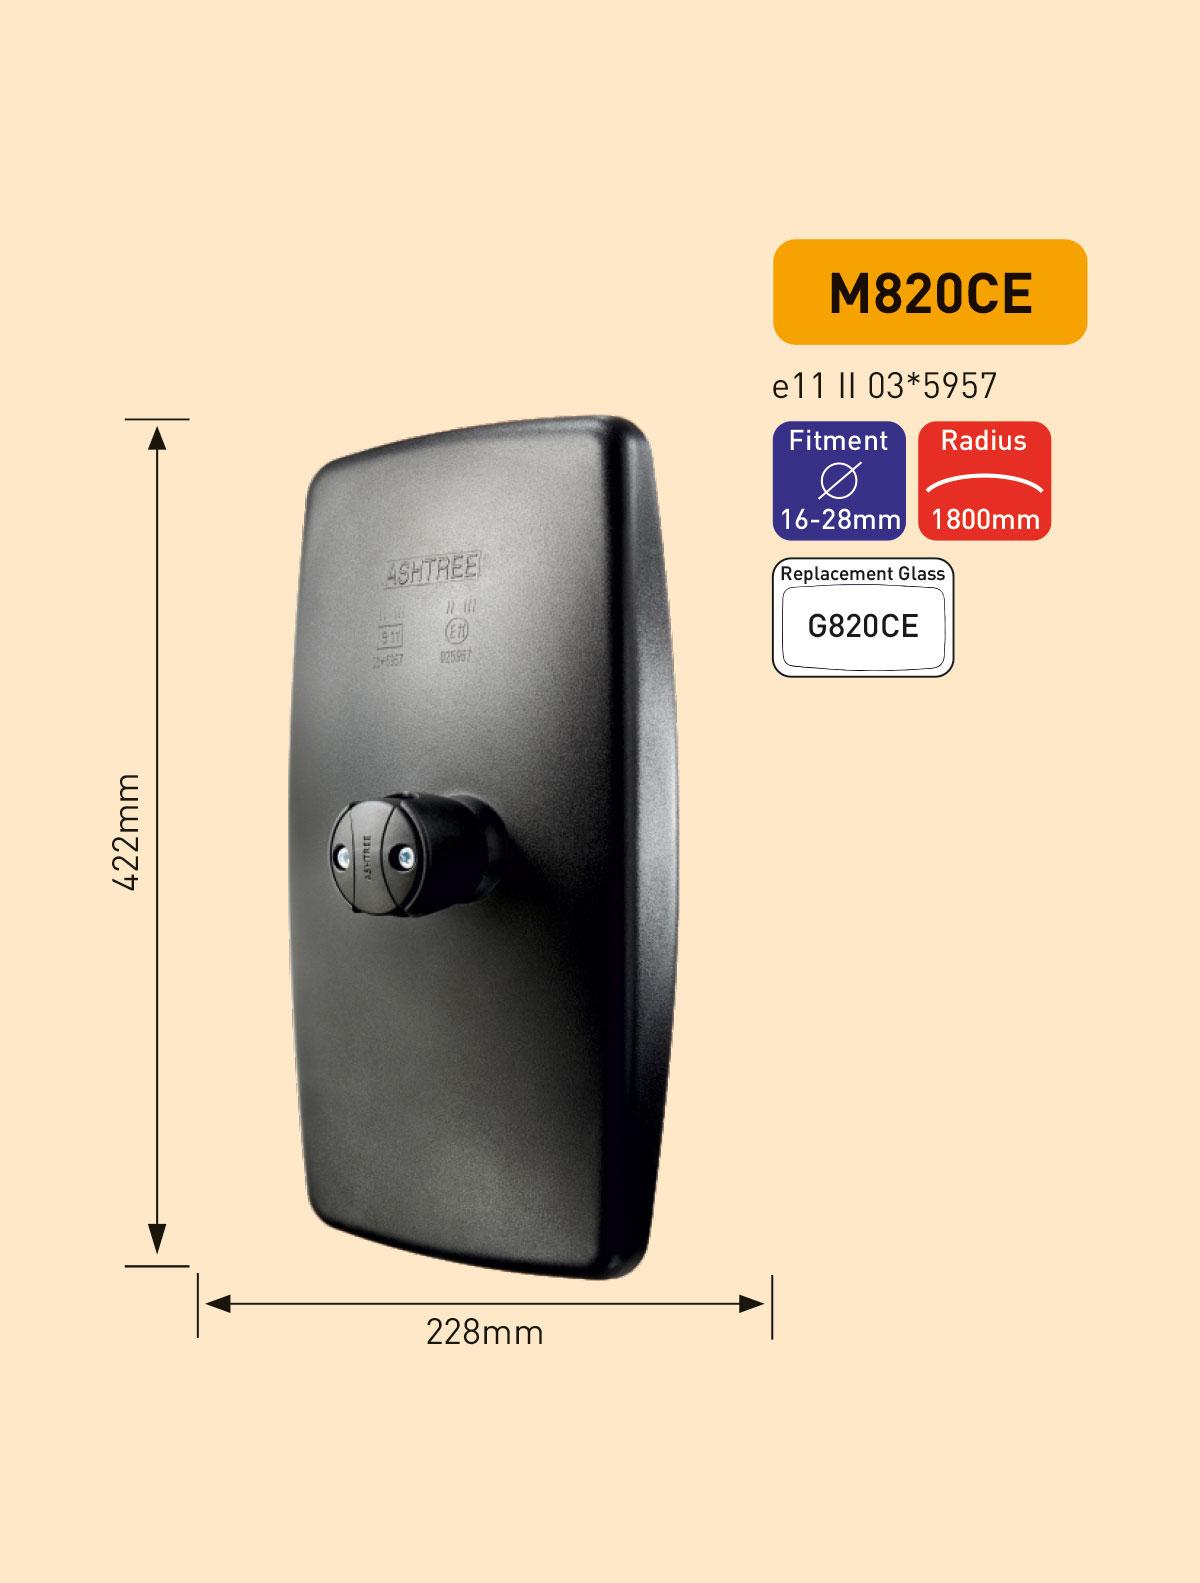 M820CE